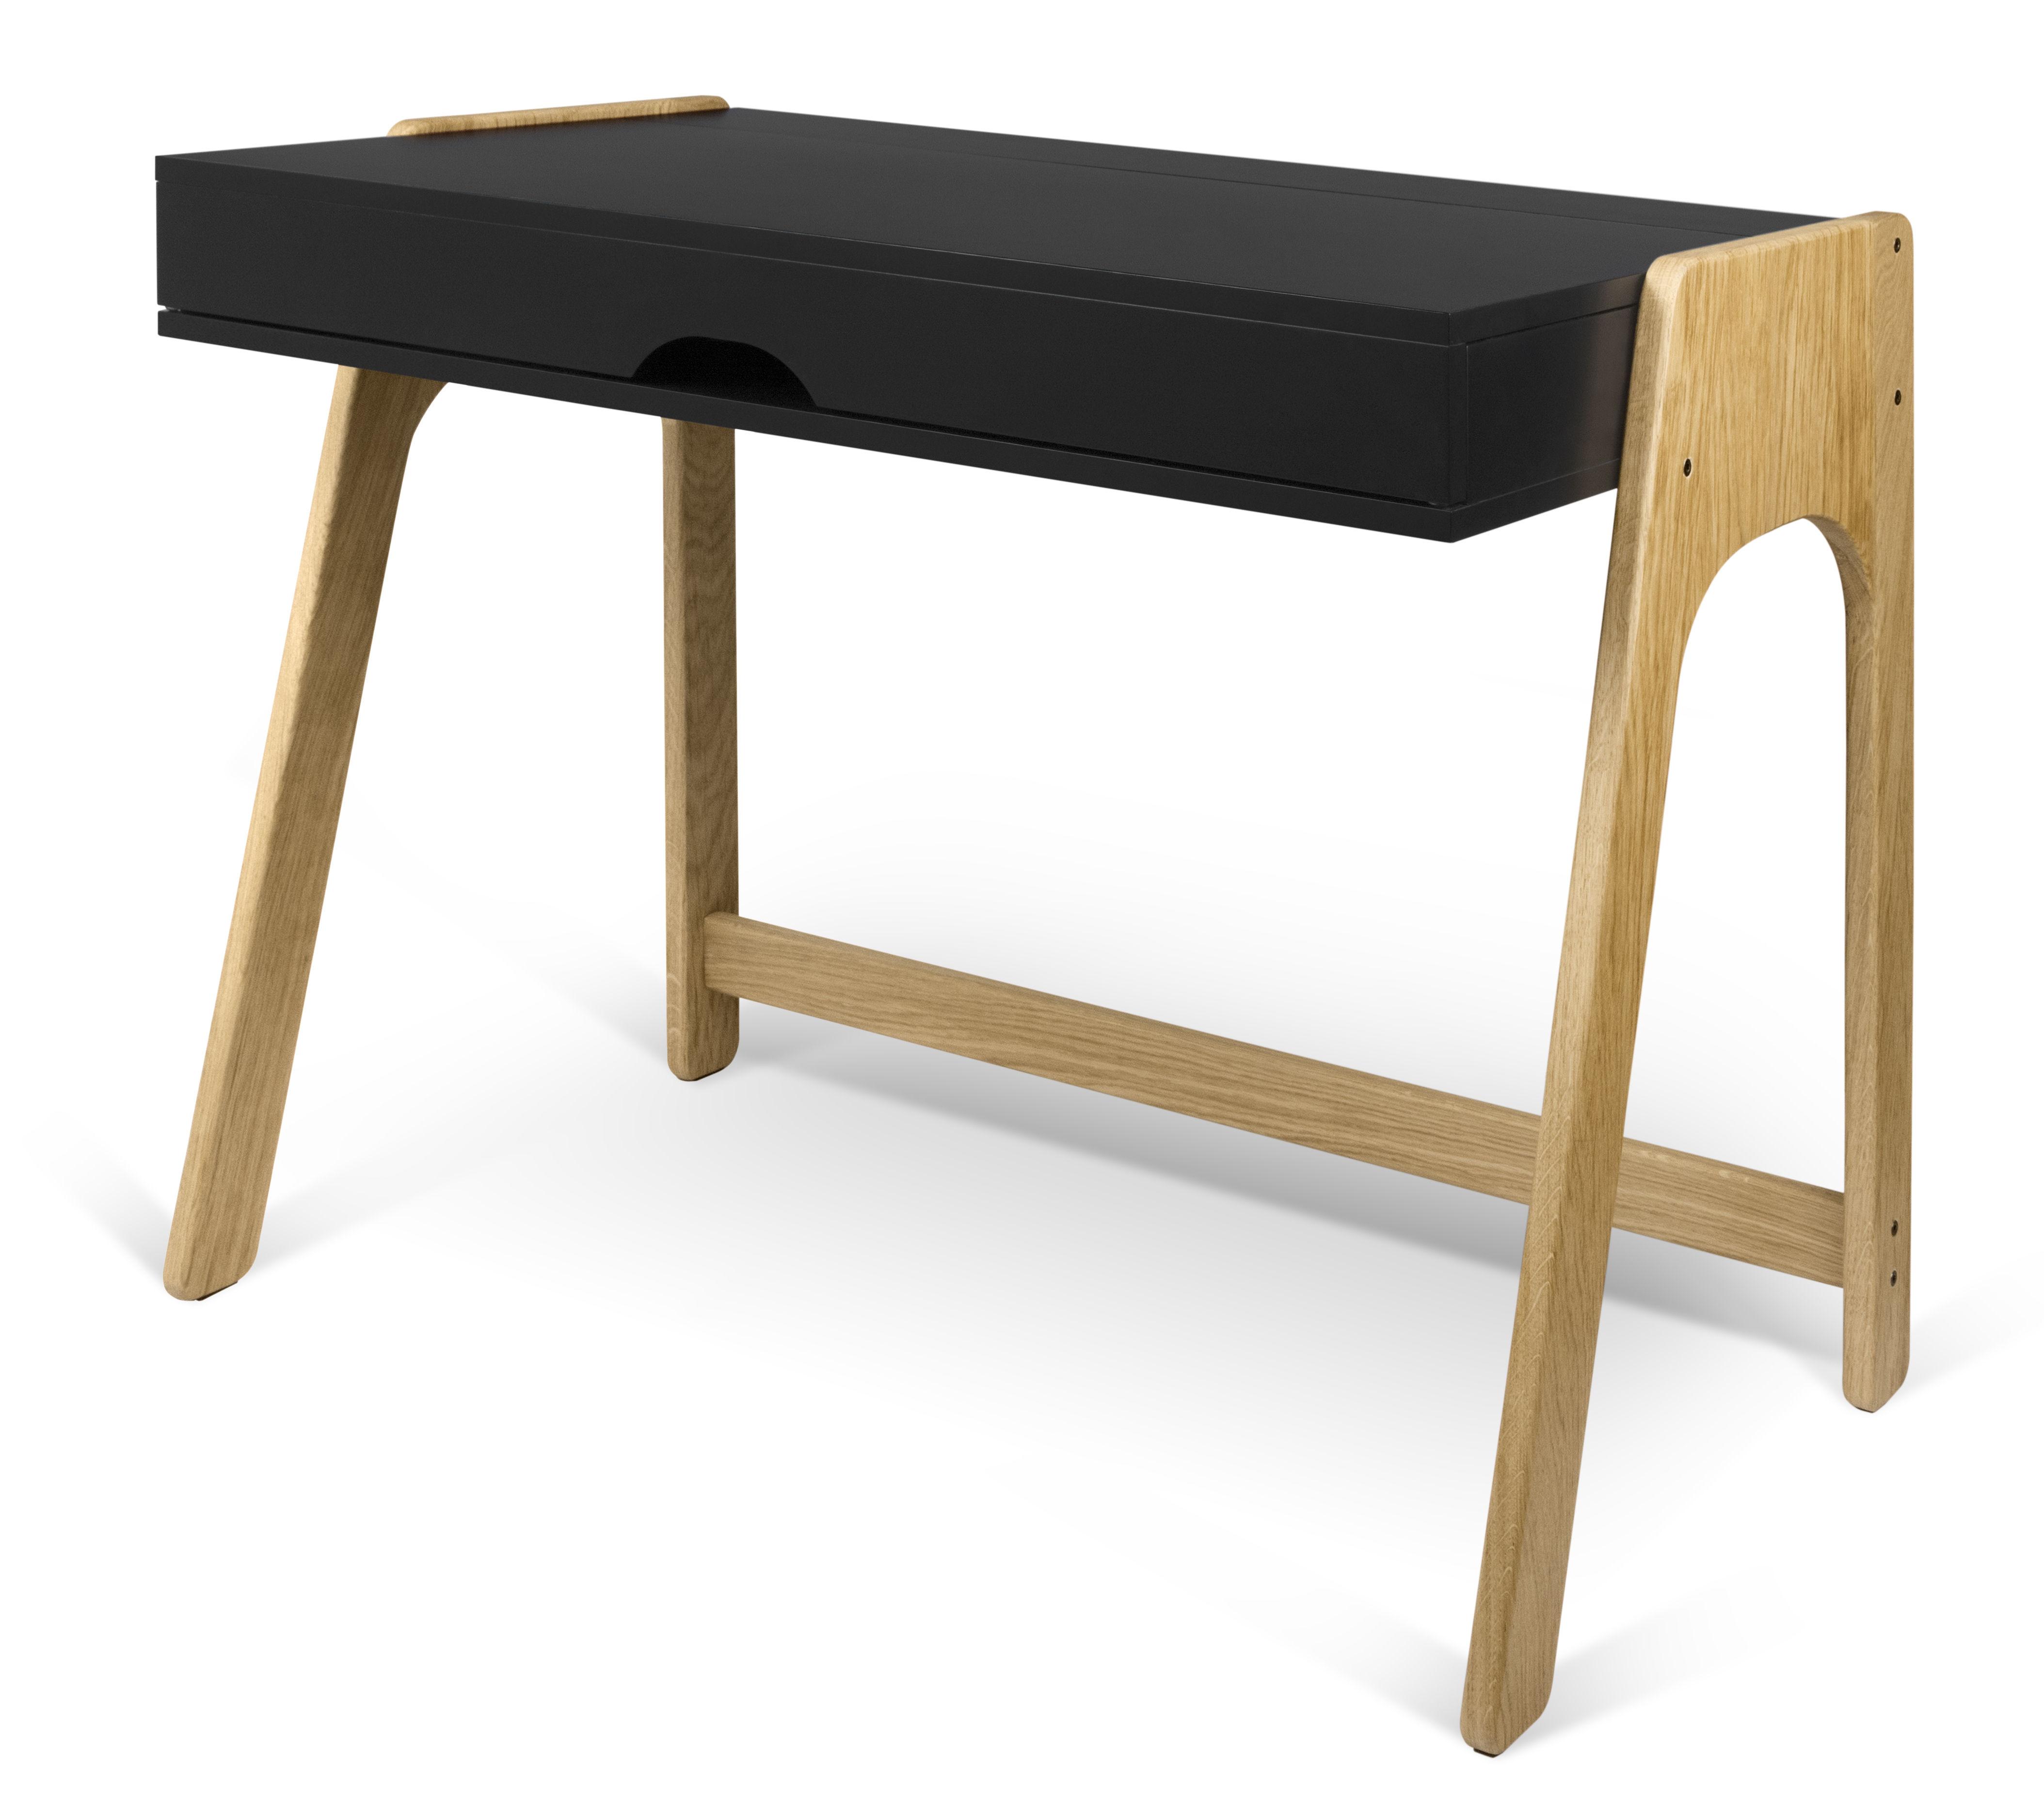 Bureau aura secr taire plateau rabattable noir ch ne for Design tischplatte